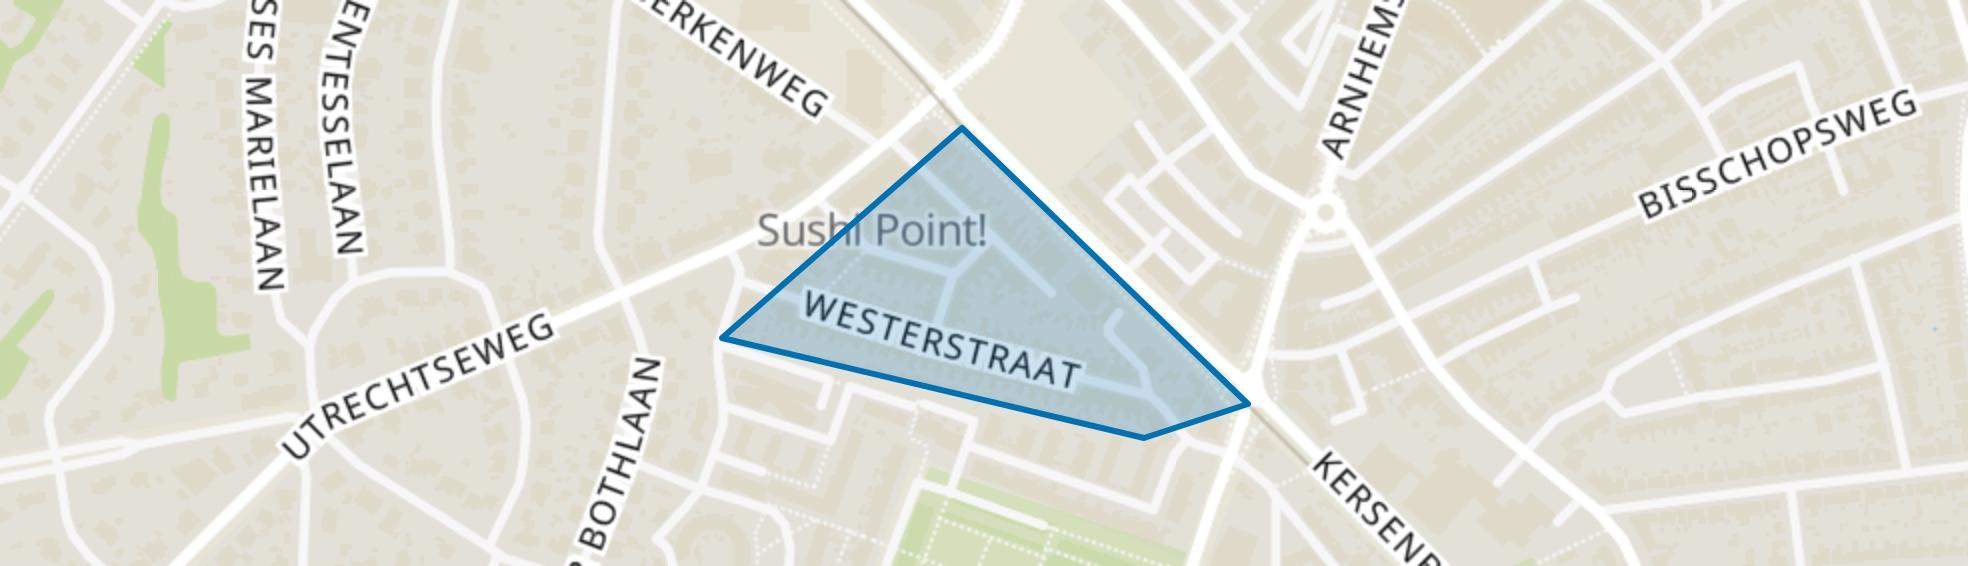 Westerstraat, Amersfoort map